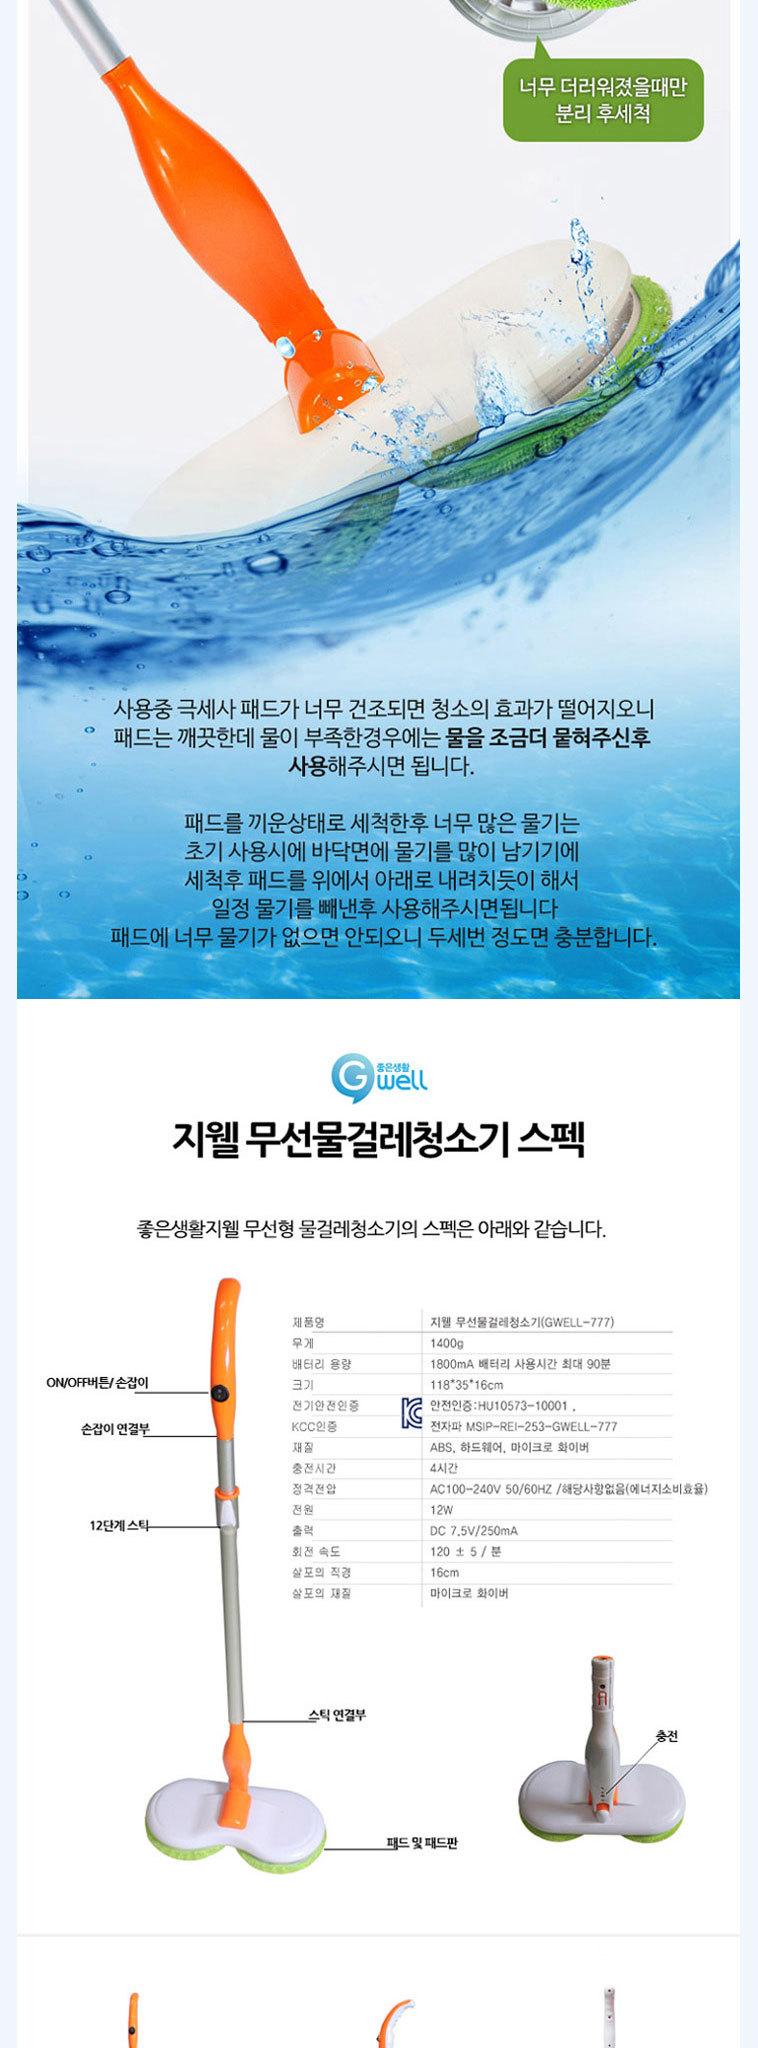 [명예의전당] 지웰 무선물걸레청소기 - 상세정보